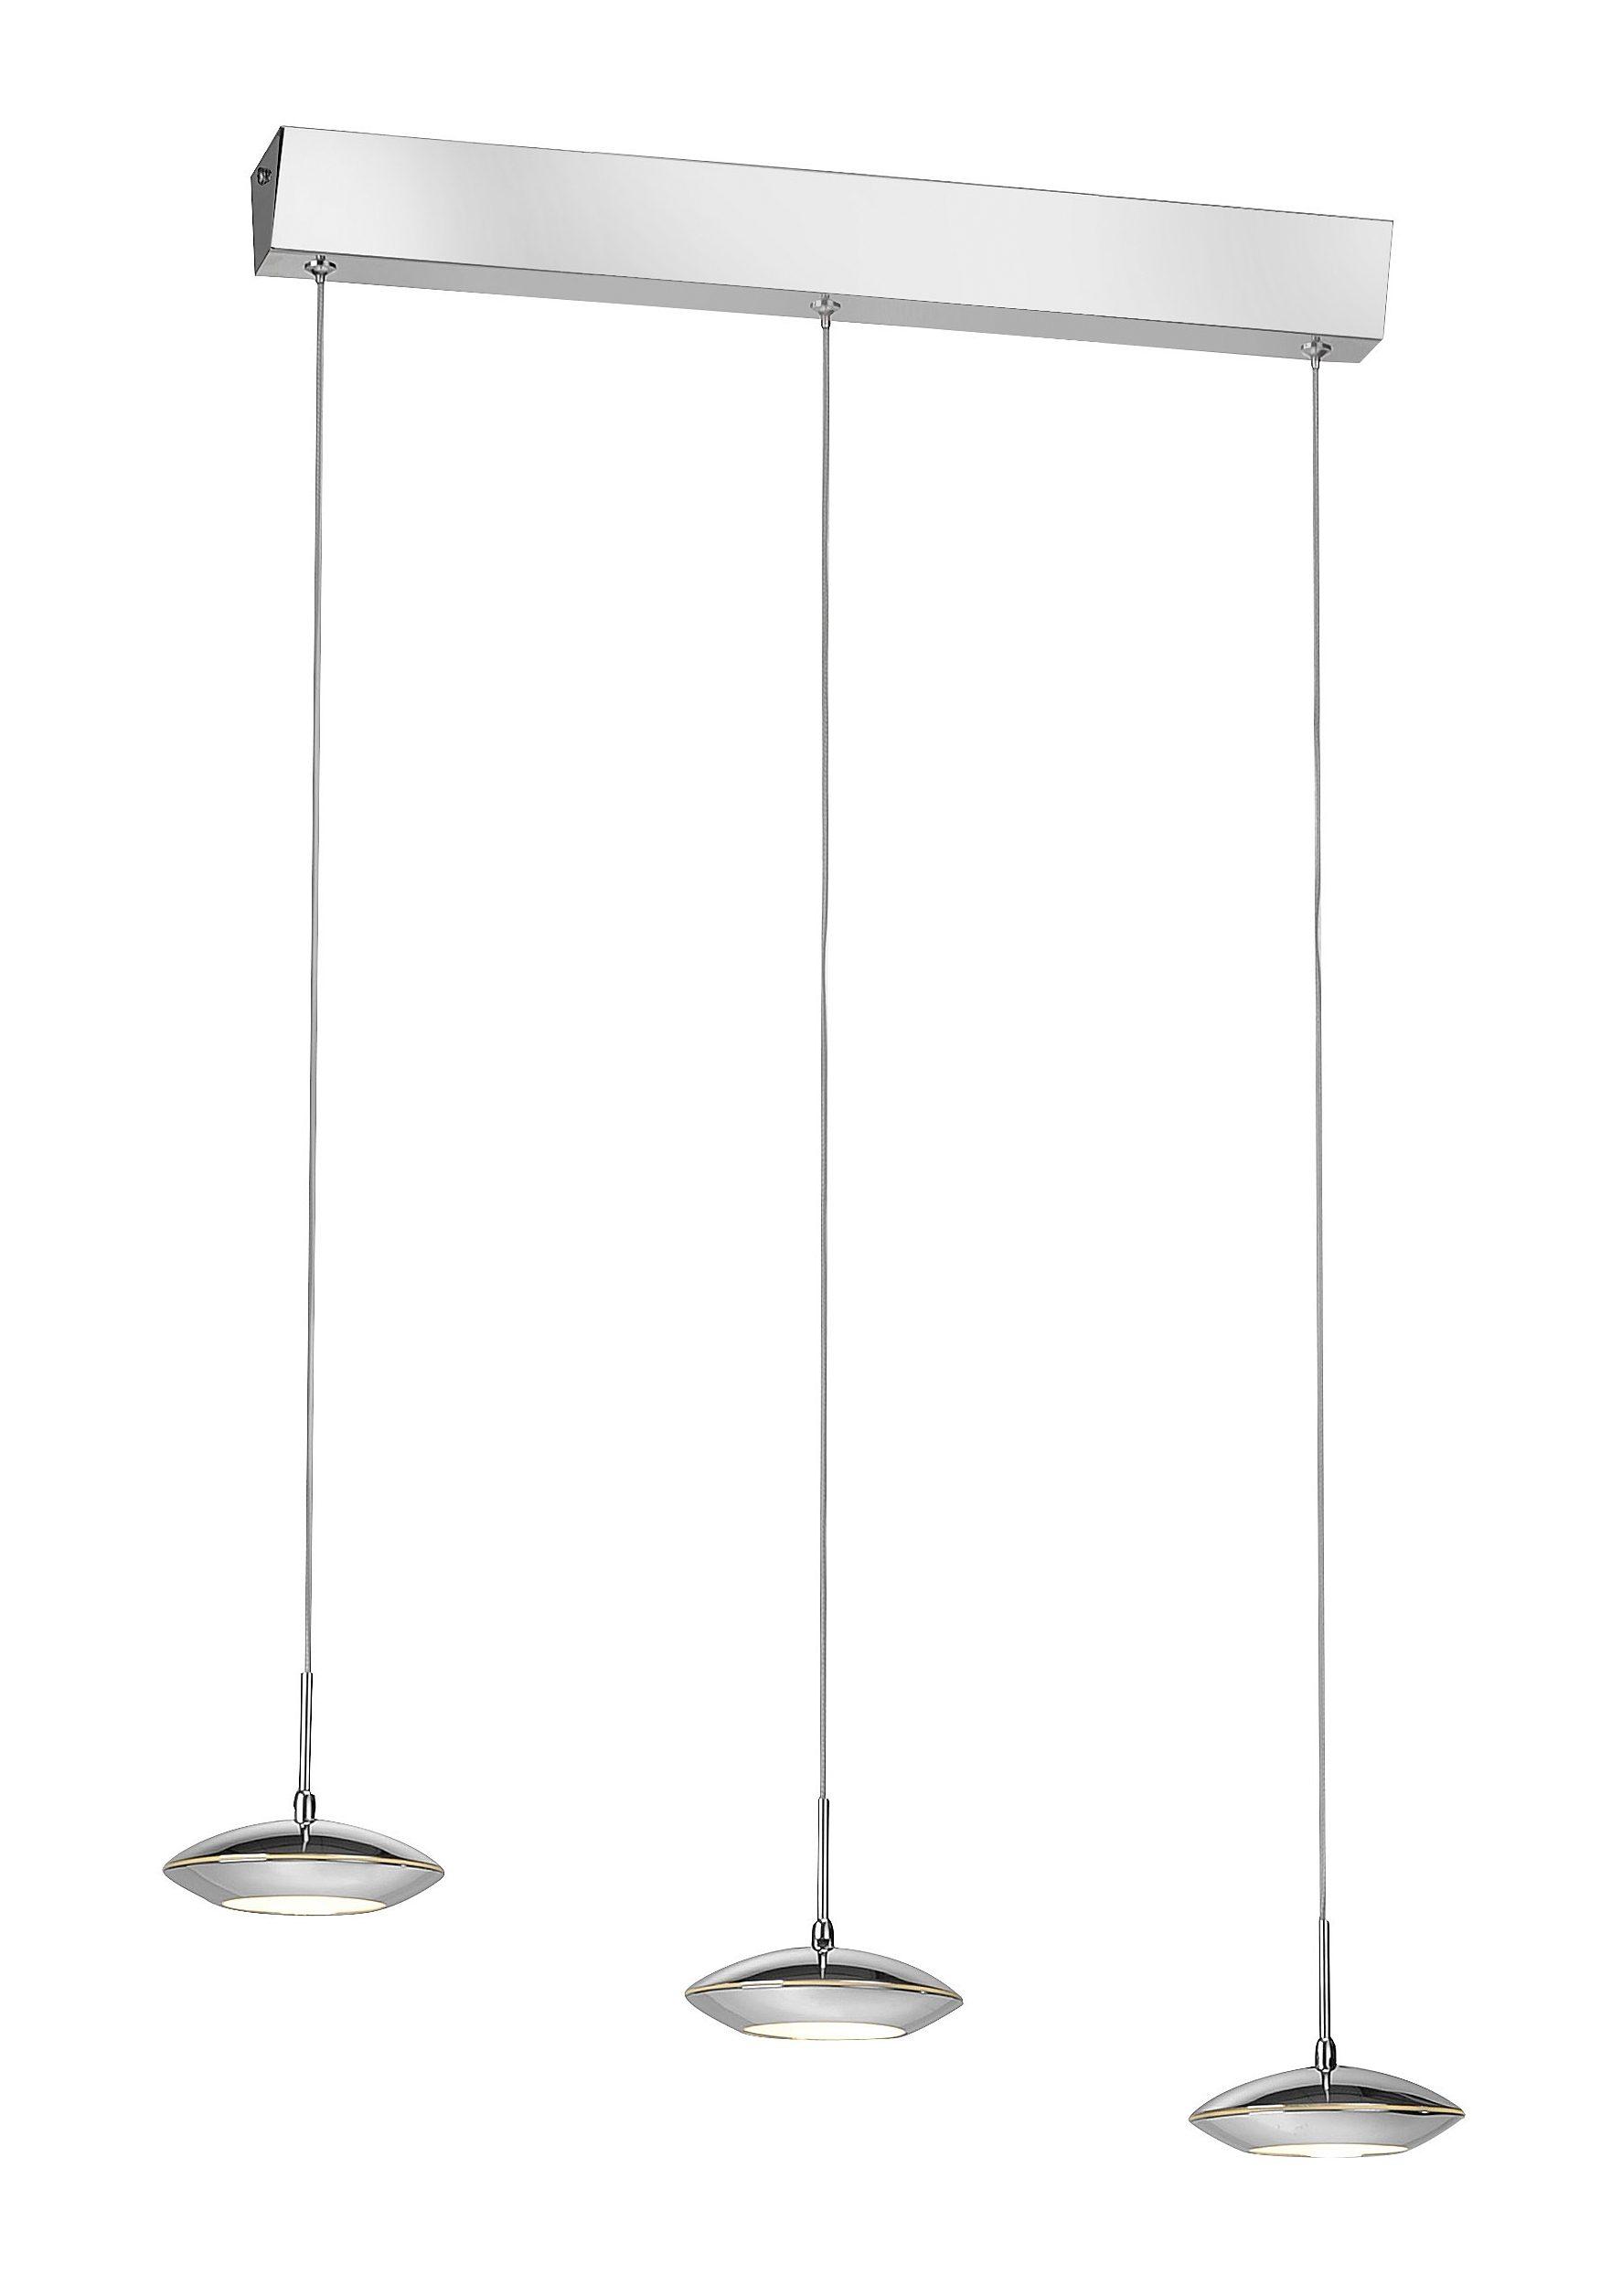 Paul Neuhaus LED Pendelleuchte, 3-flammig